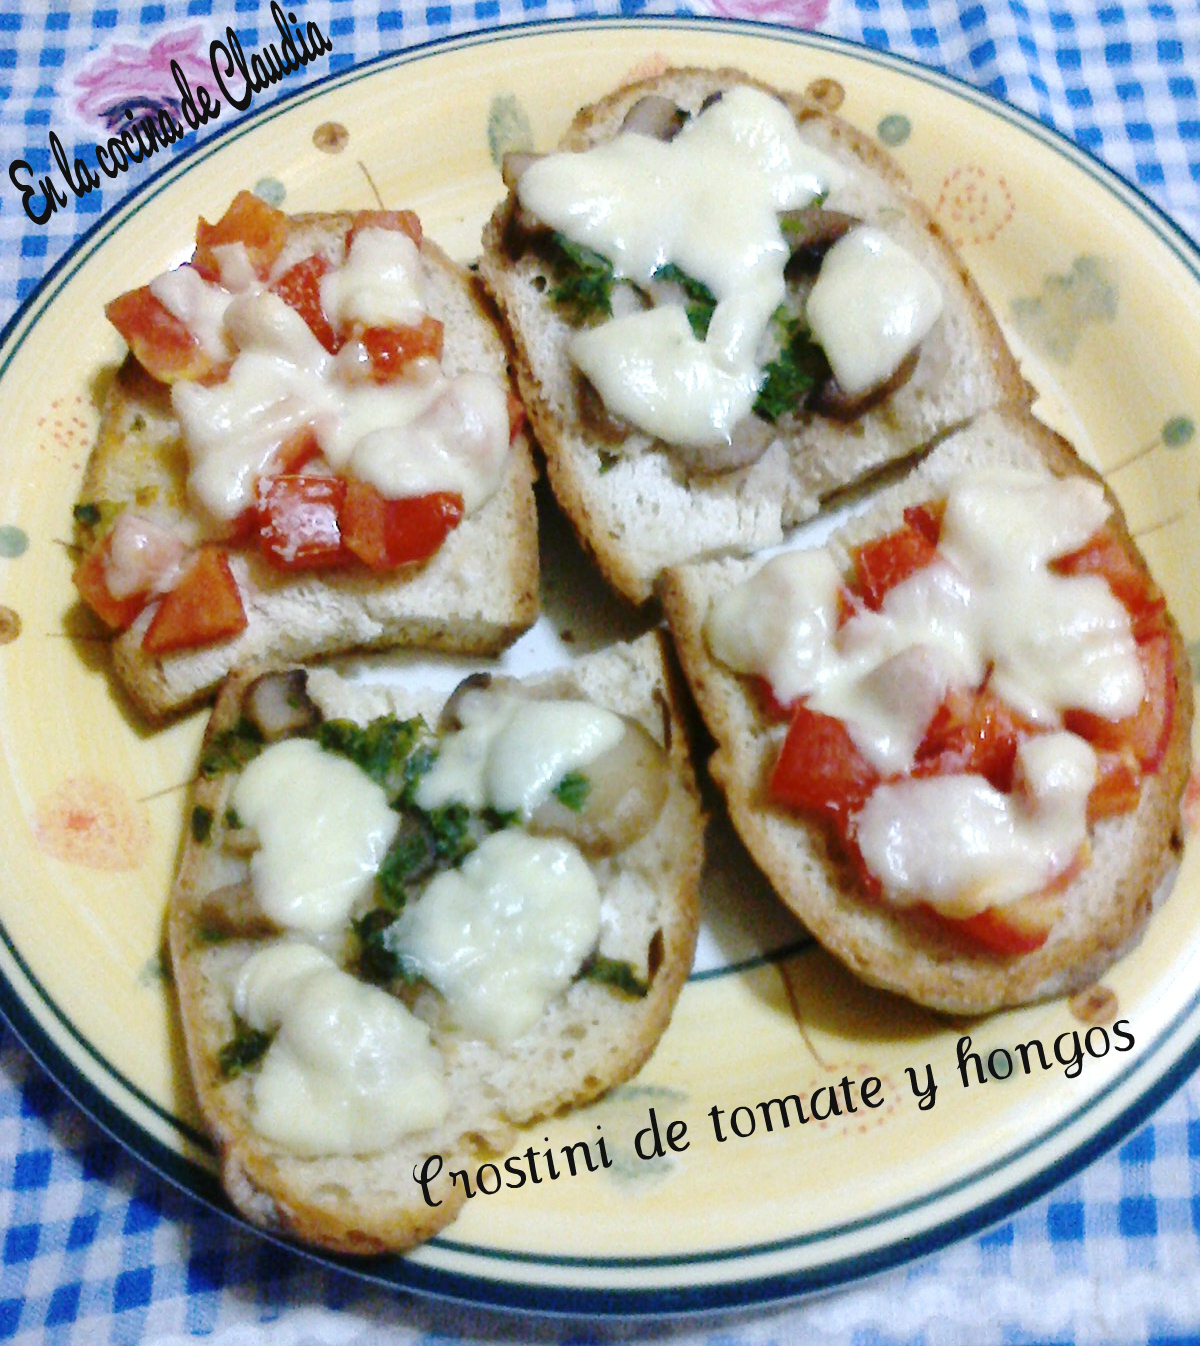 Crostini de tomate y hongos en la cocina de claudia for Como se cocinan los hongos